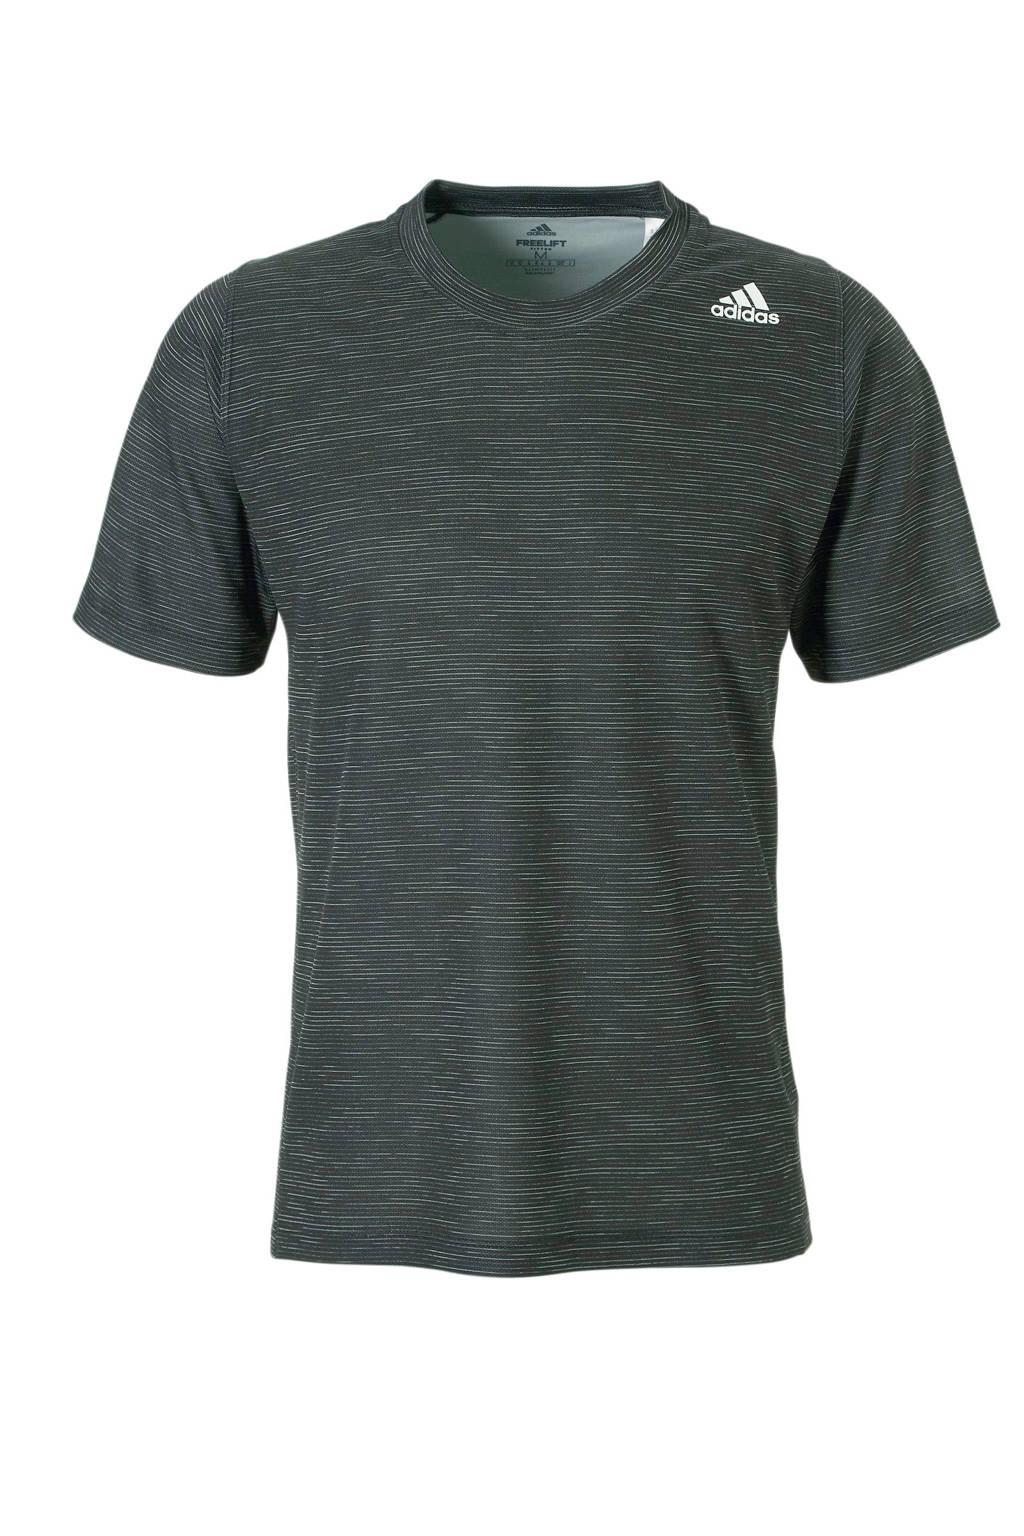 adidas Performance   Freelift Tech sport t-shirt zwart/wit, Zwart/wit